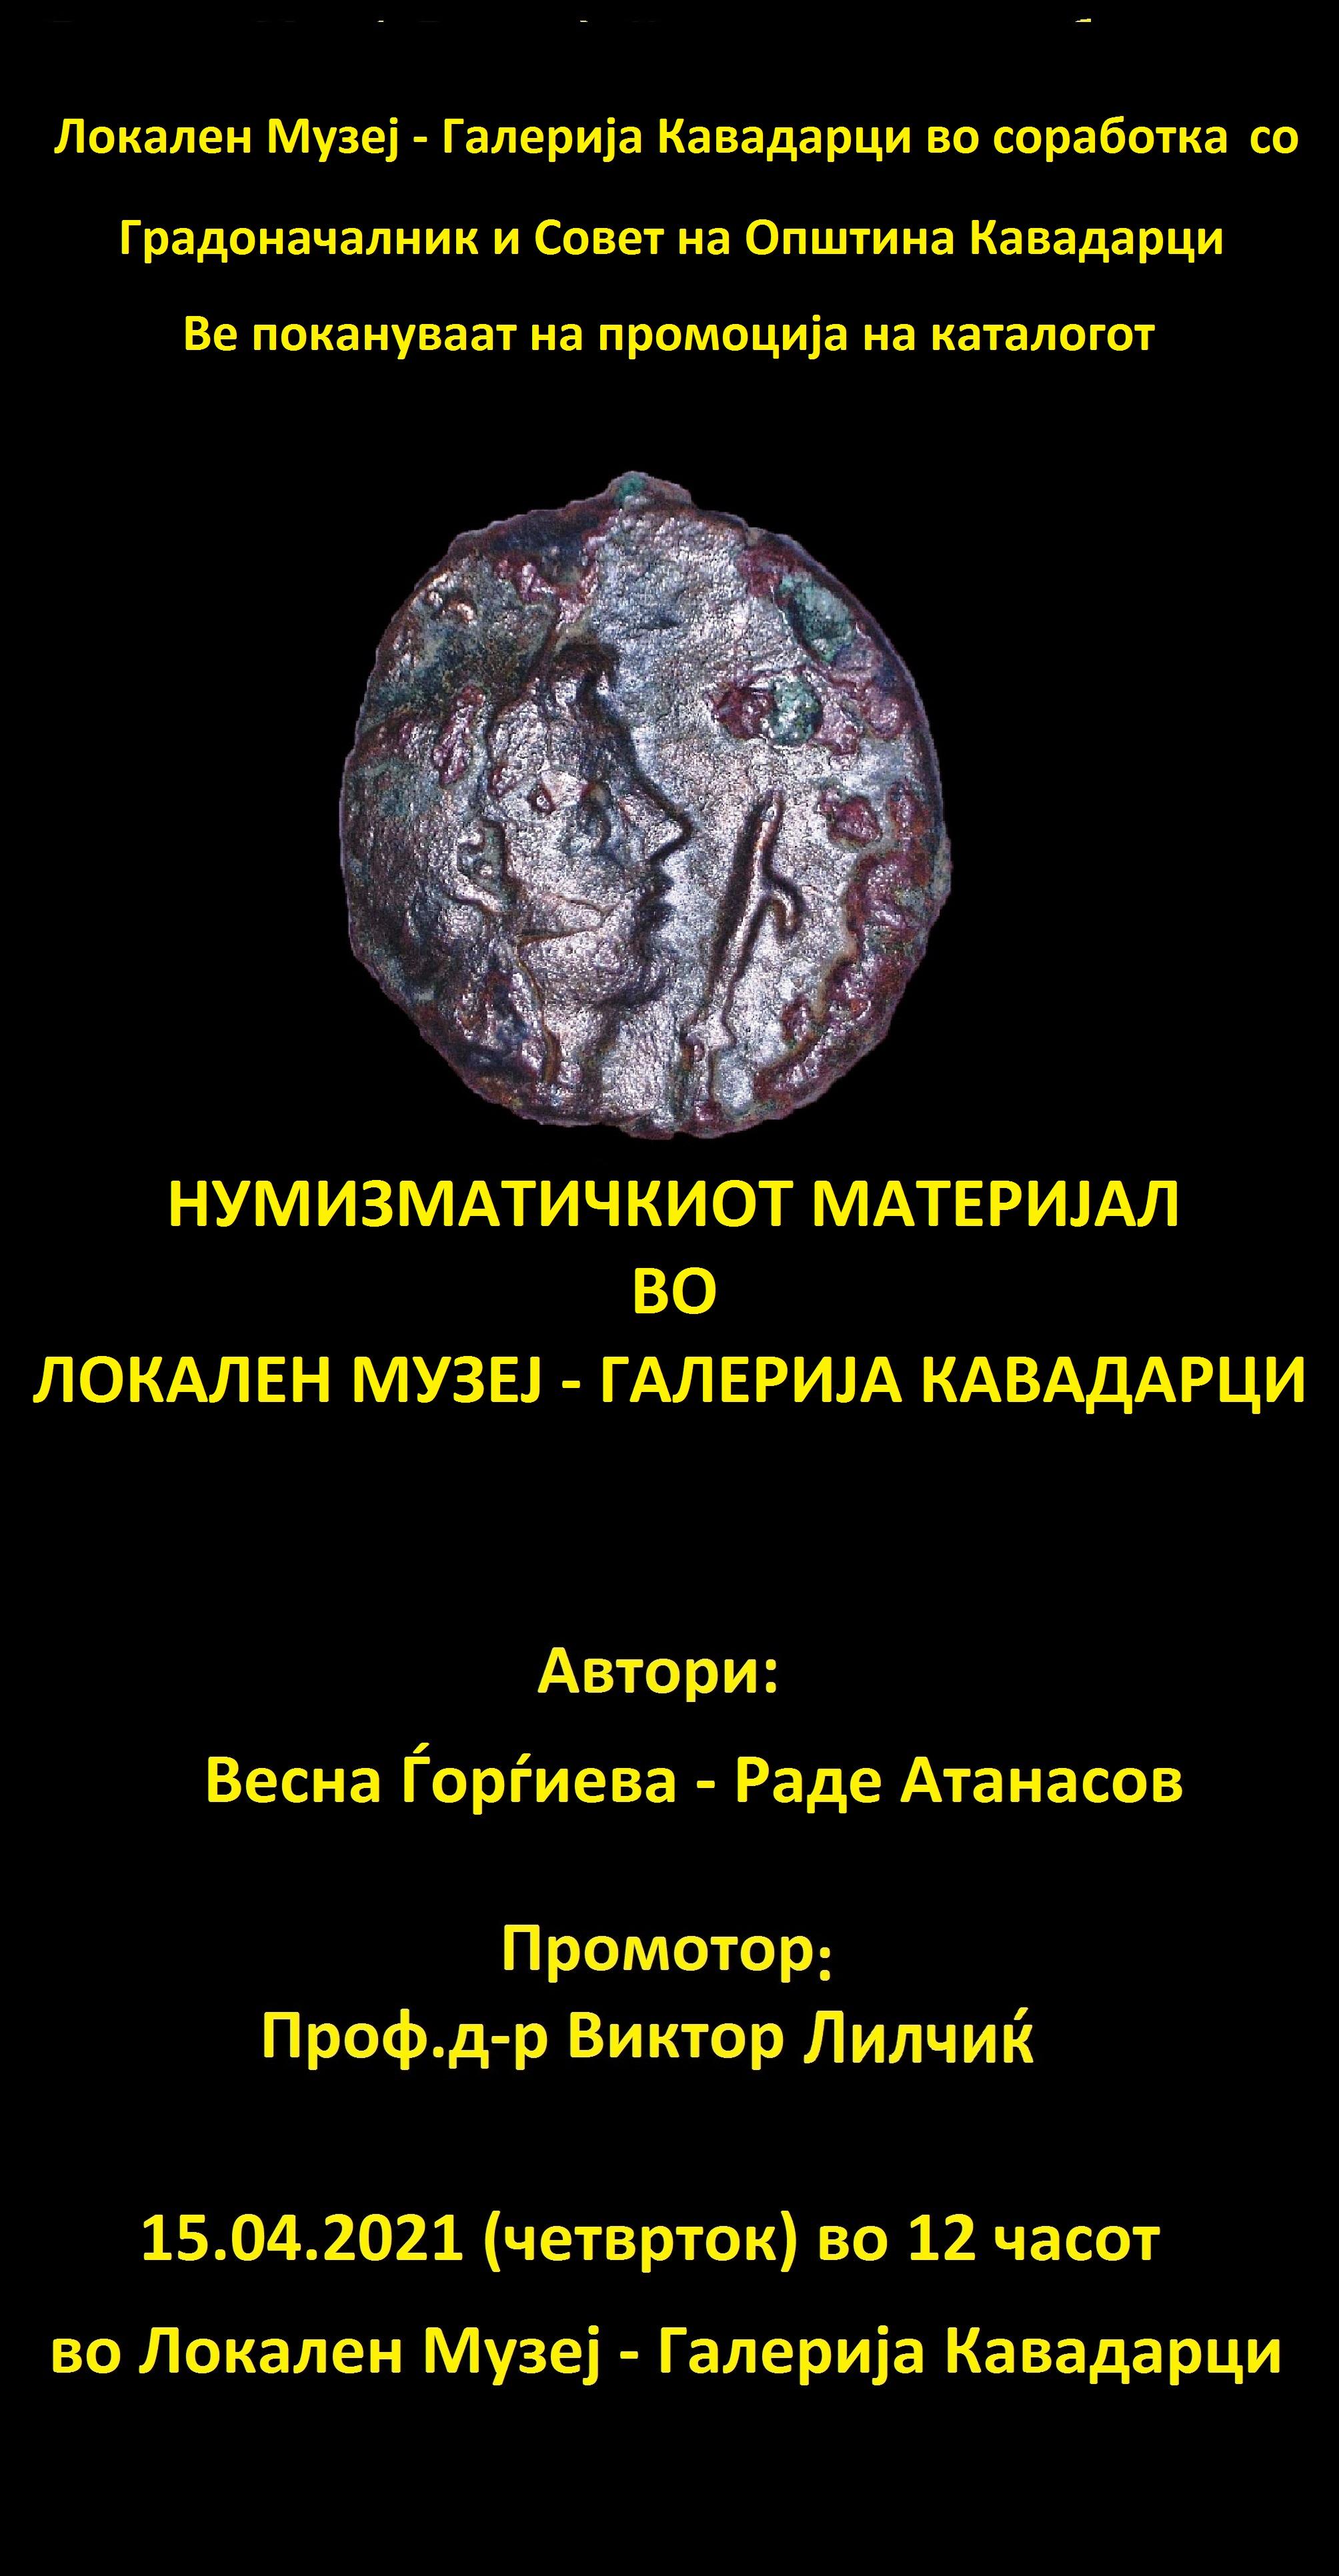 Локален Музеј – галерија Кавадарци-ПРОМОЦИЈА НА КАТАЛОГ ЗА НУМИЗМАТИЧКИ МАТЕРИЈАЛ